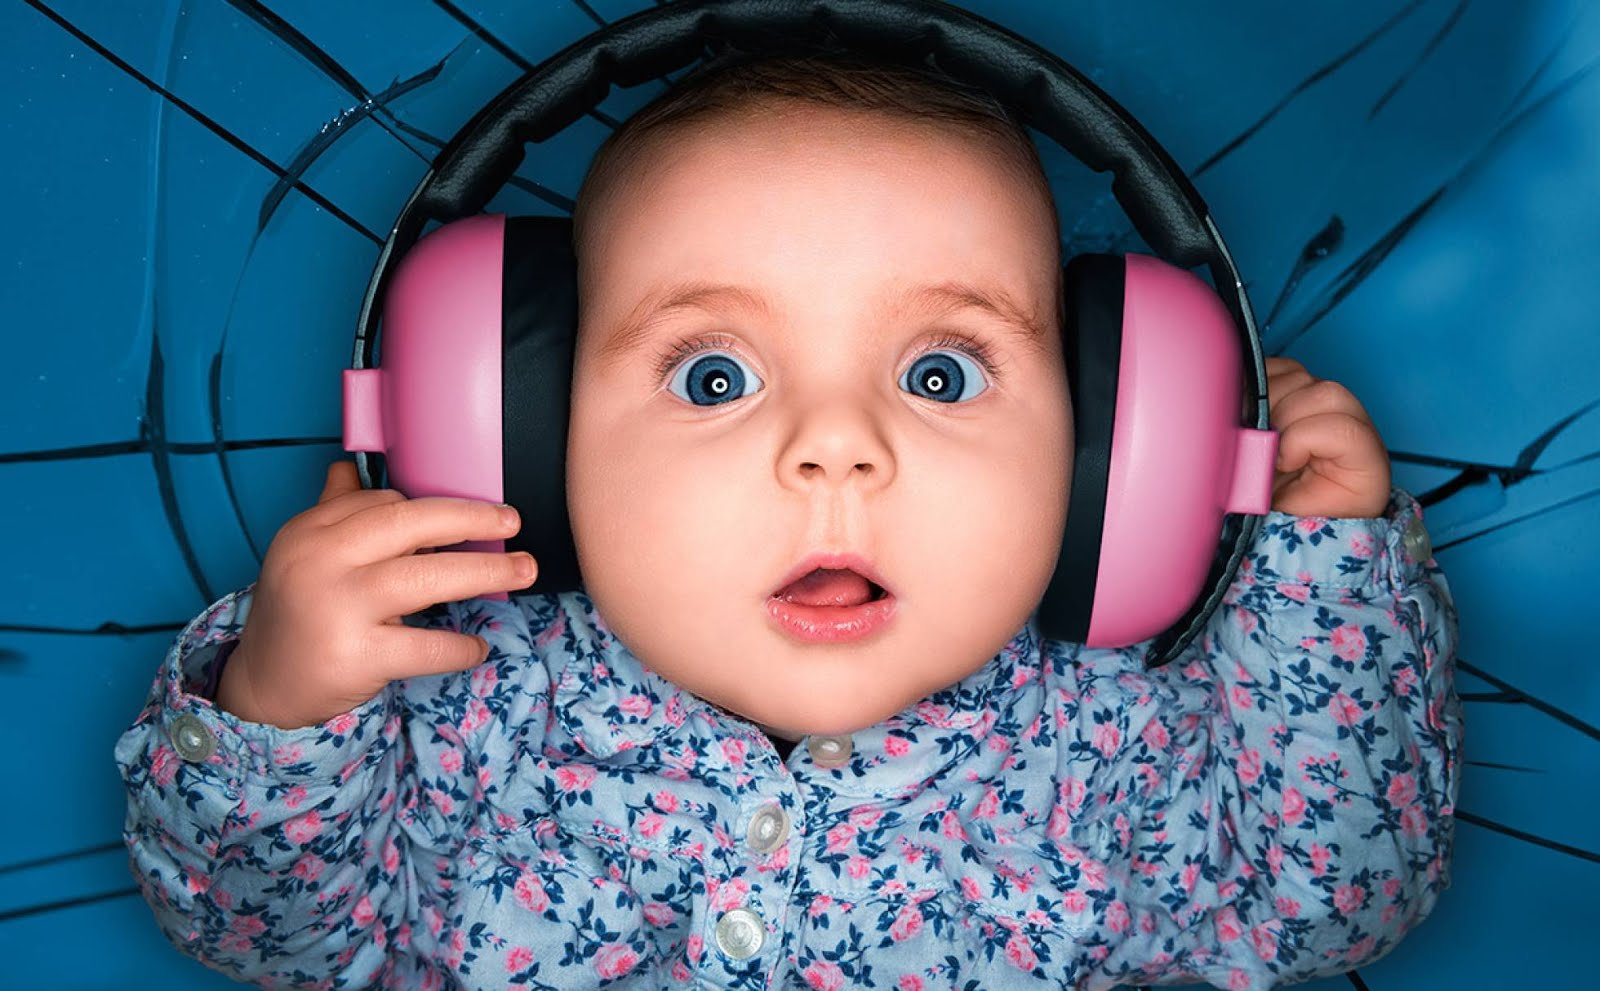 La Música mejora el cerebro de los bebés